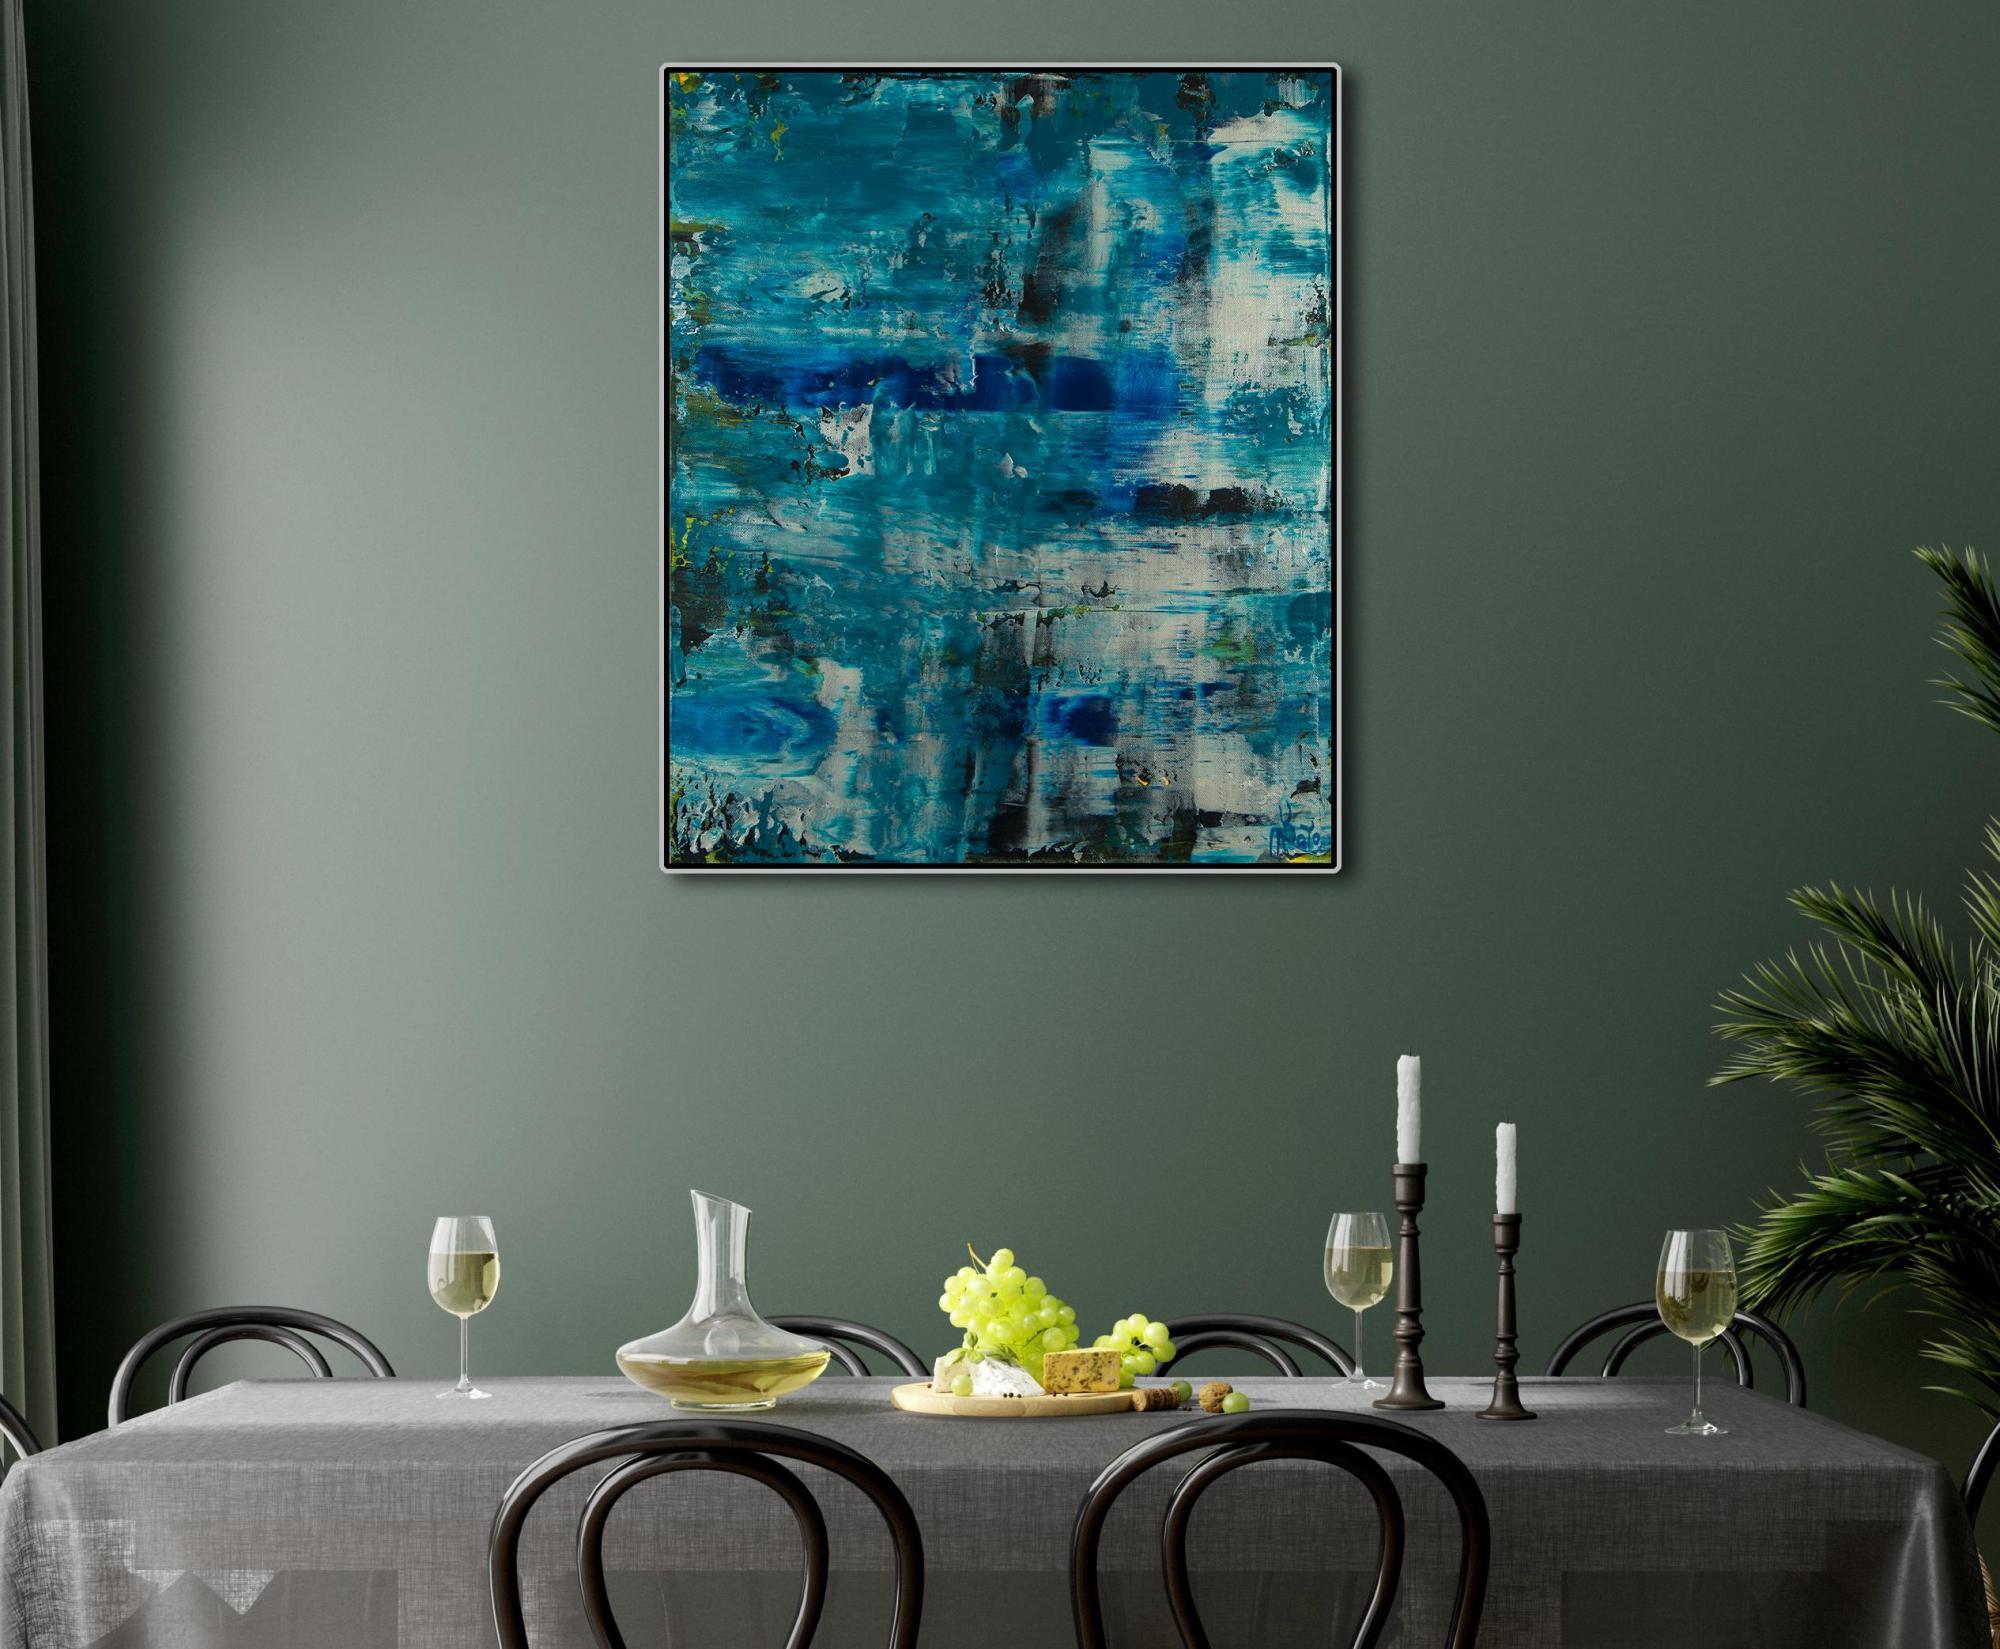 Room Setting (framed) / Frozen Waterflow (Ice ponds) (2021) / Artist: Nestor Toro USA